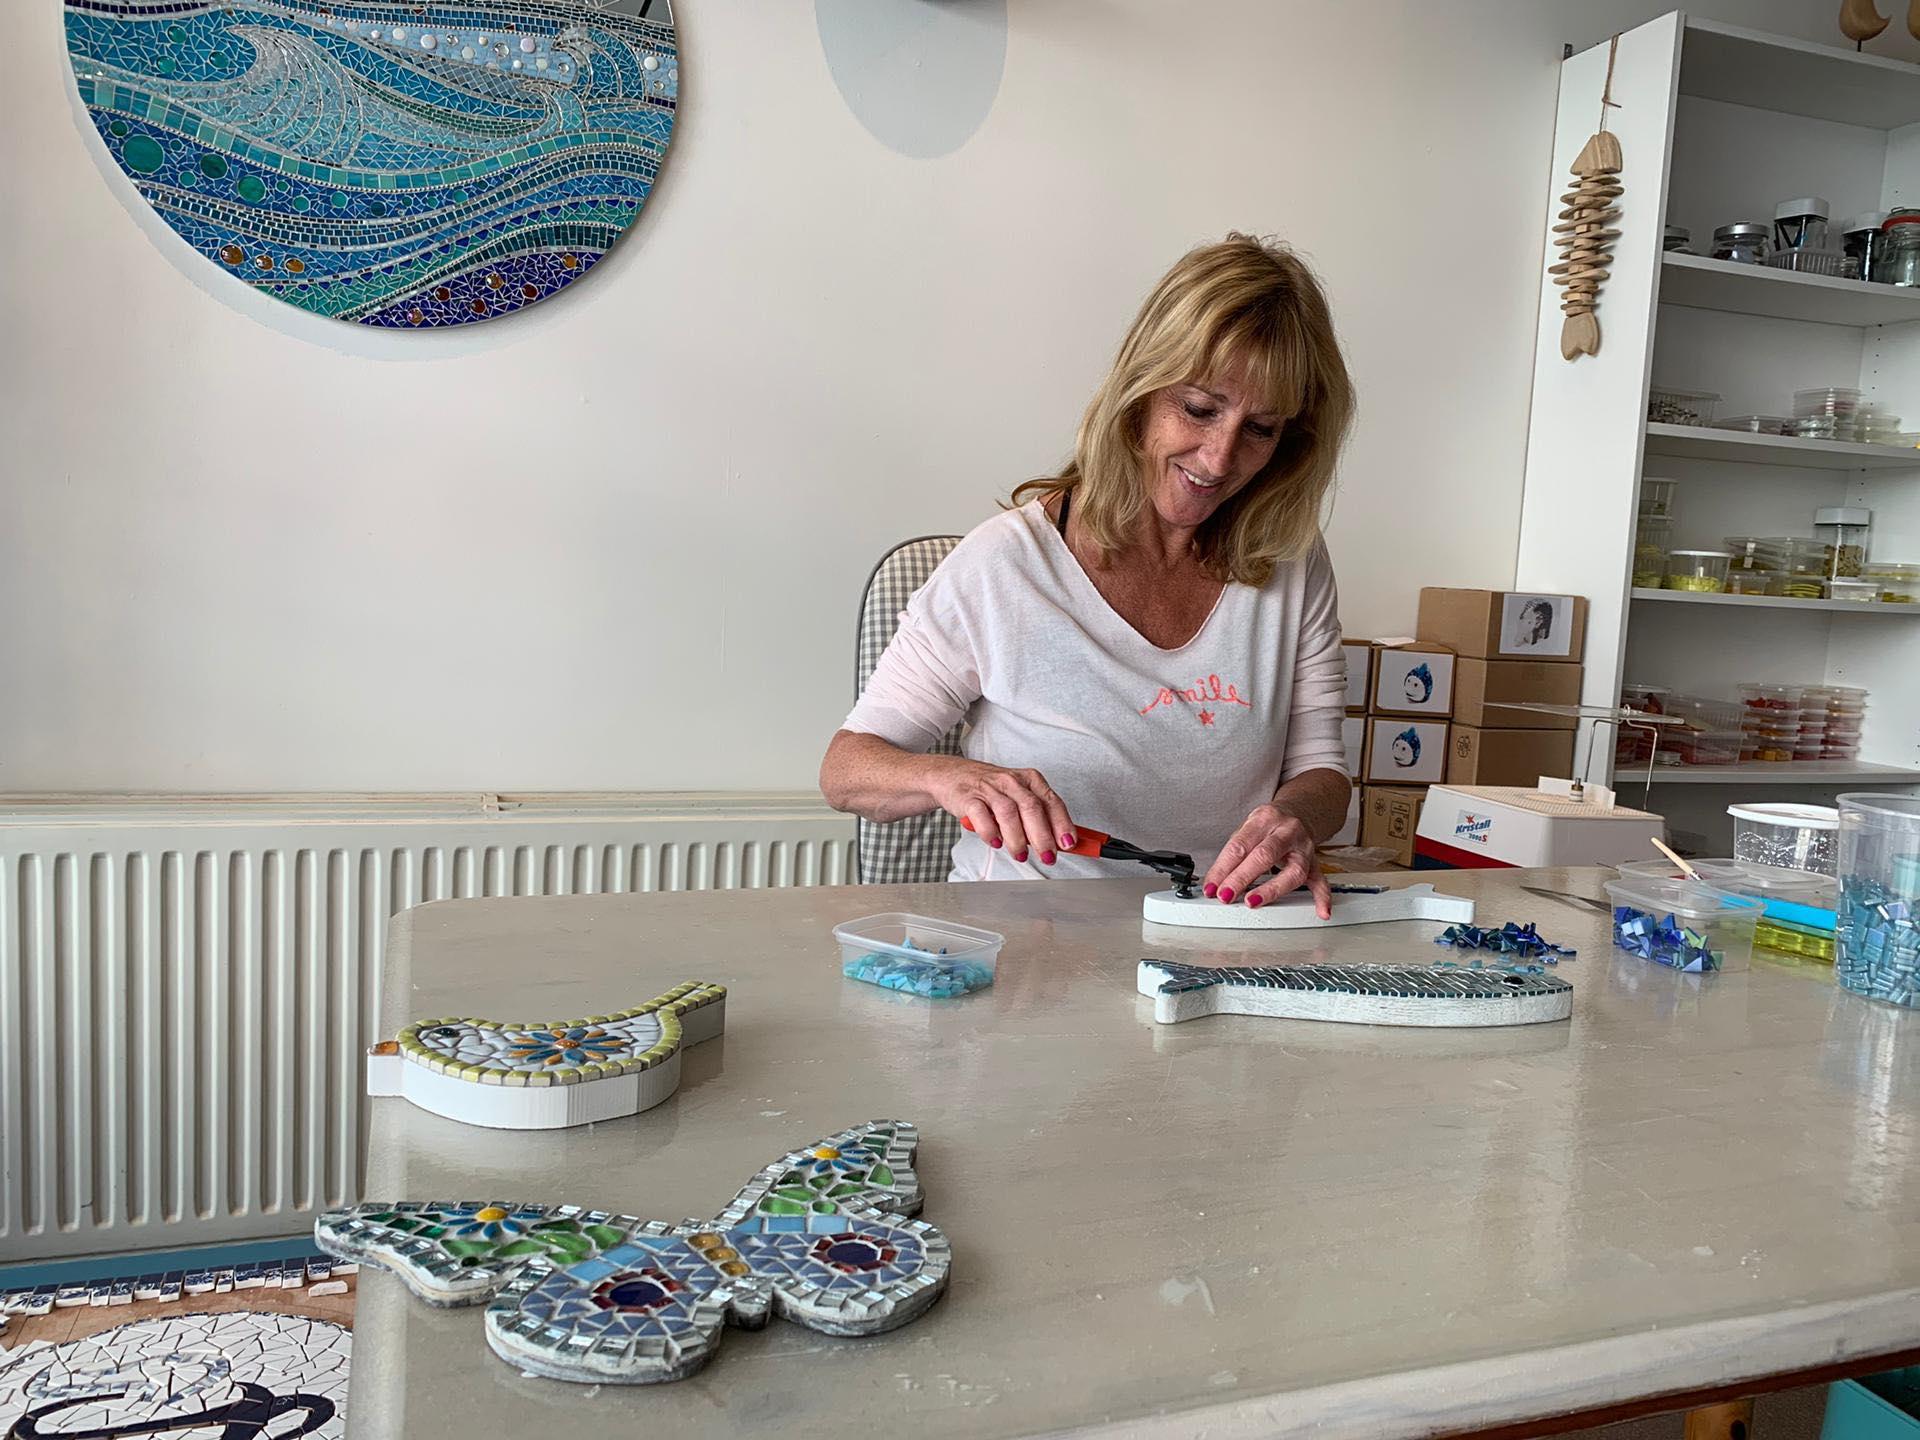 Atelier de Blauwe Stokvis